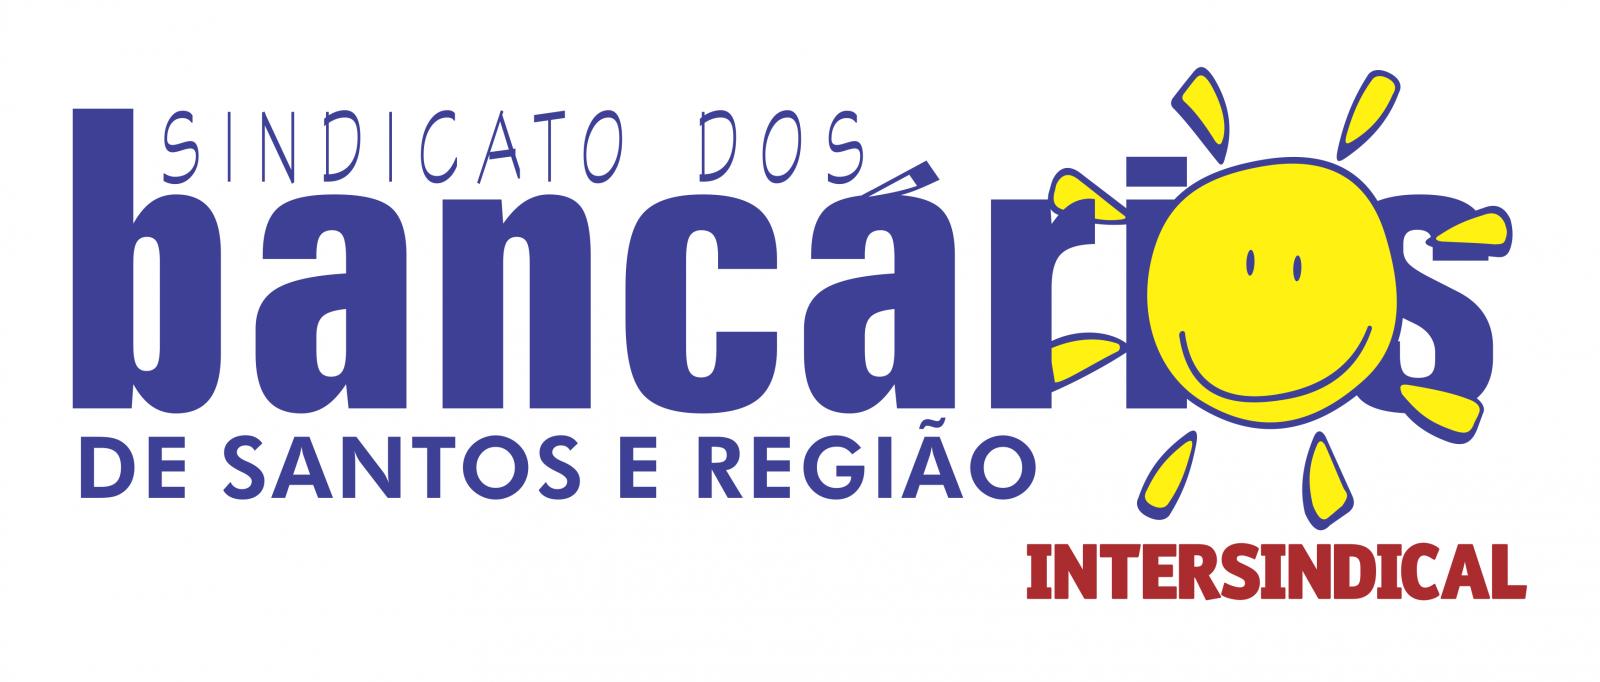 REGULAMENTO DA ORGANIZAÇÃO DO CAMPEONATO SOÇAITE 2018